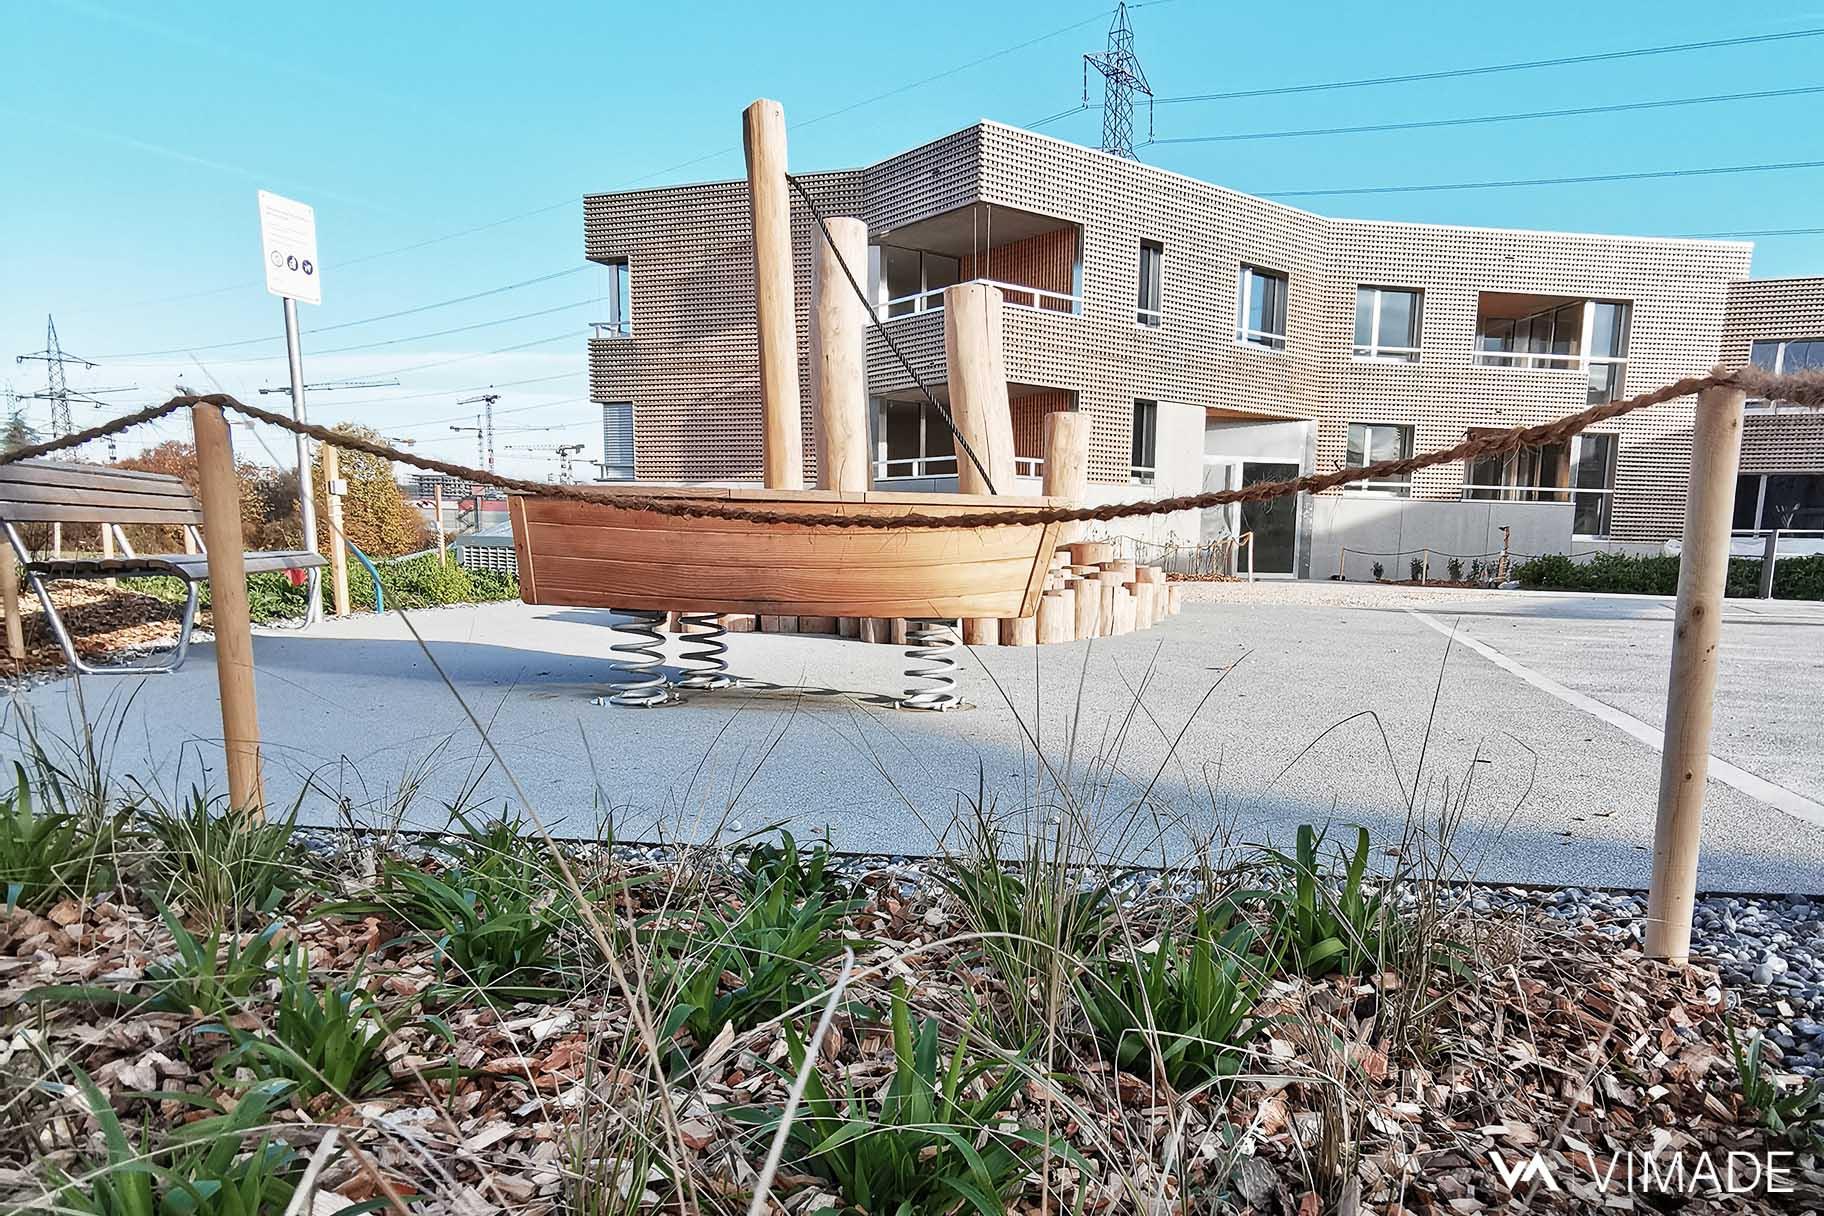 Place de jeux bois dans aménagement paysager avec plantation de vivaces et graminées, VIMADE Architectes paysagistes